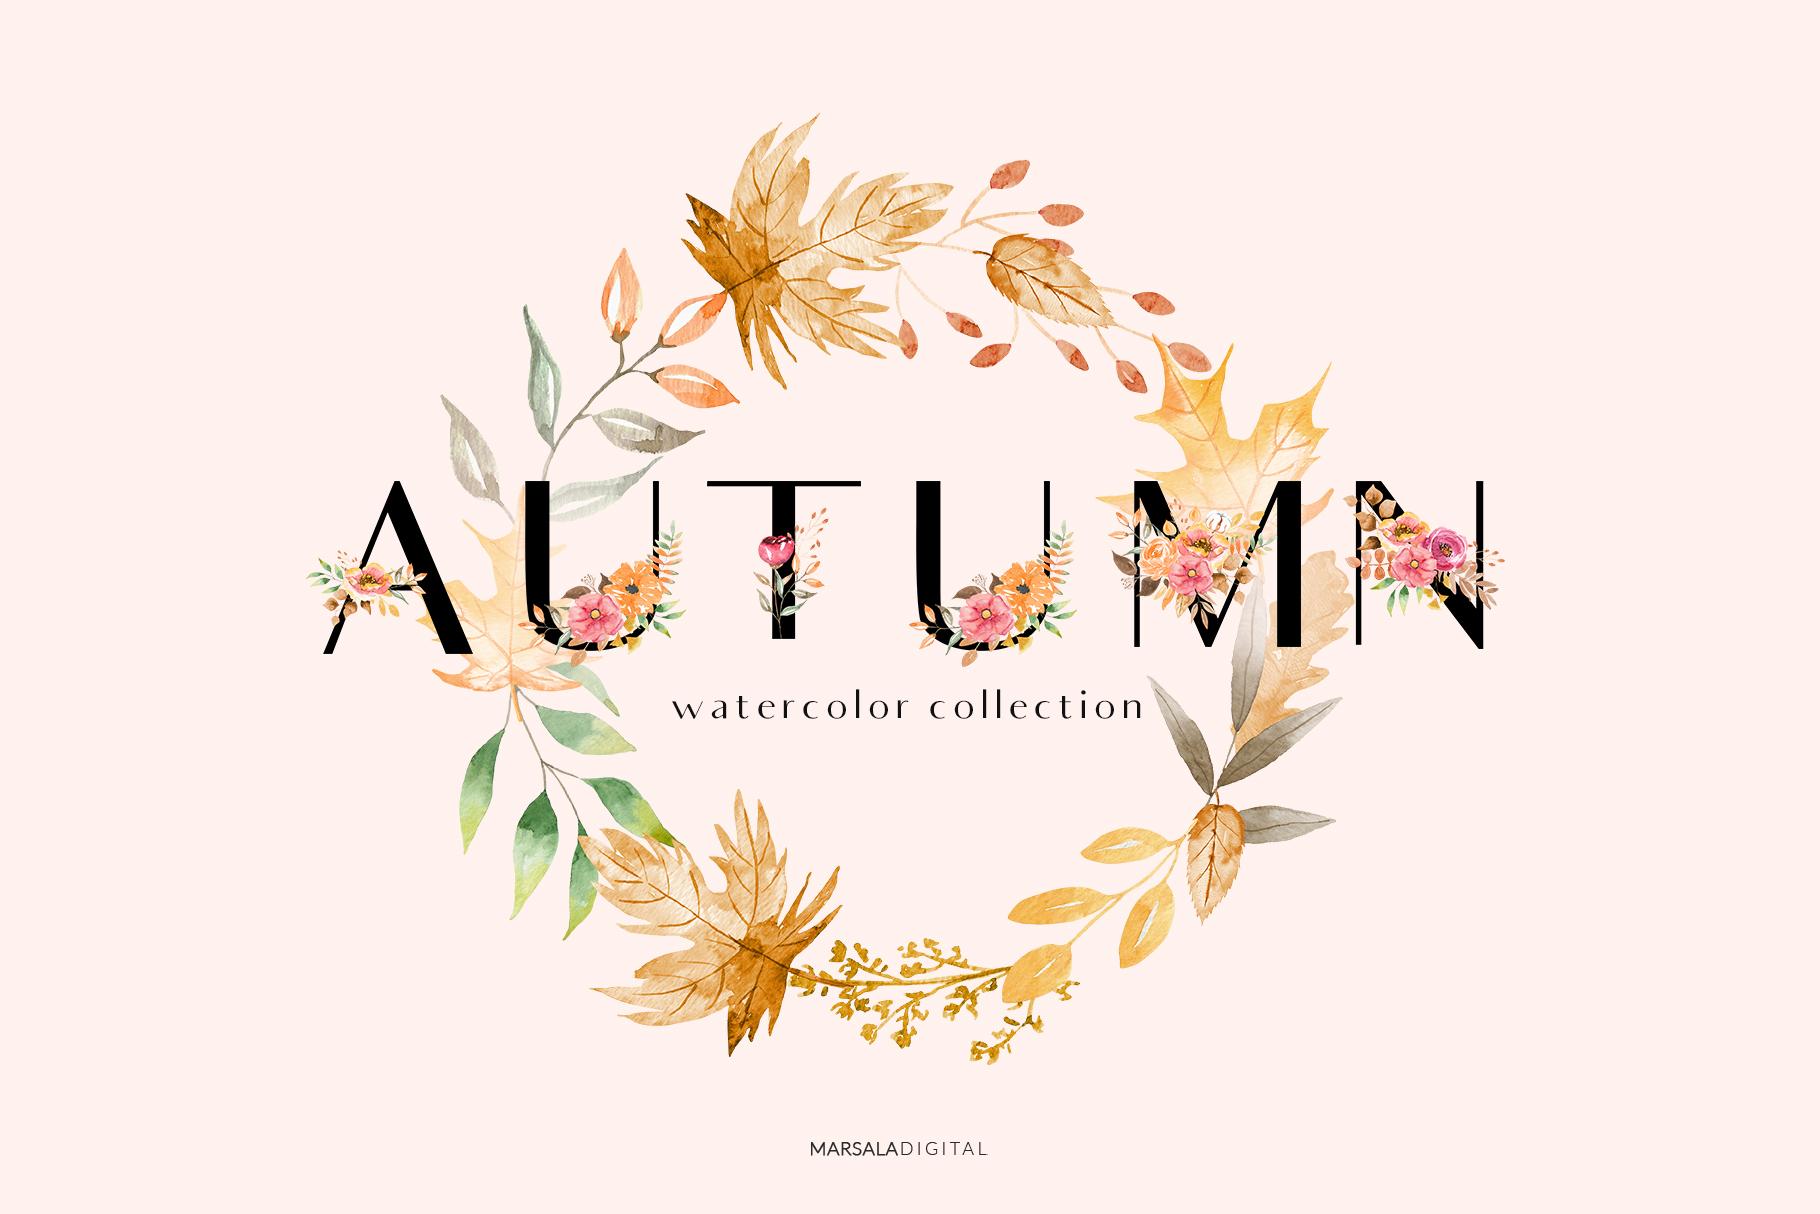 Autumn Watercolor Collection Pumpkins Arrangements example image 8